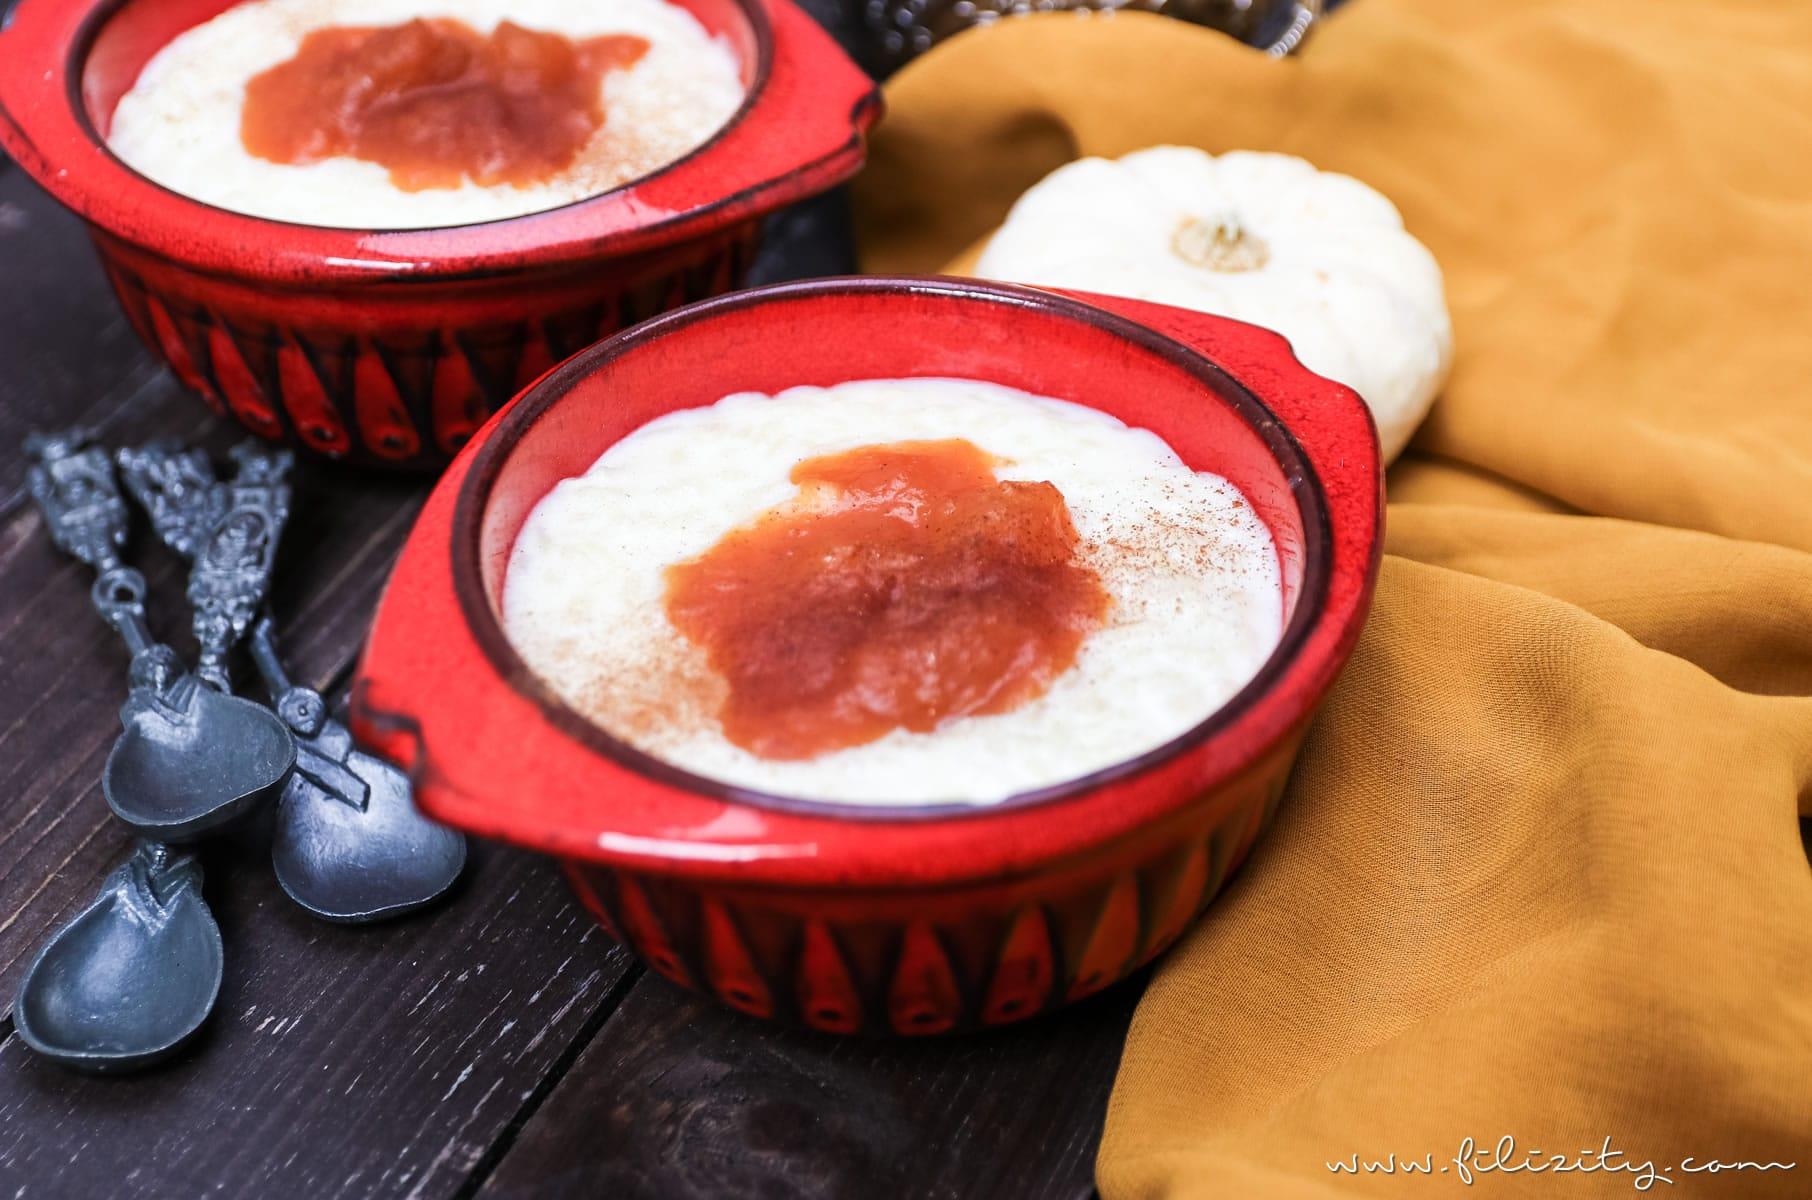 Herbst-Rezept: Türkischer Milchreis (Sütlac) mit Kürbis-Pflaumen-Kompott #kürbis #herbst #dessert